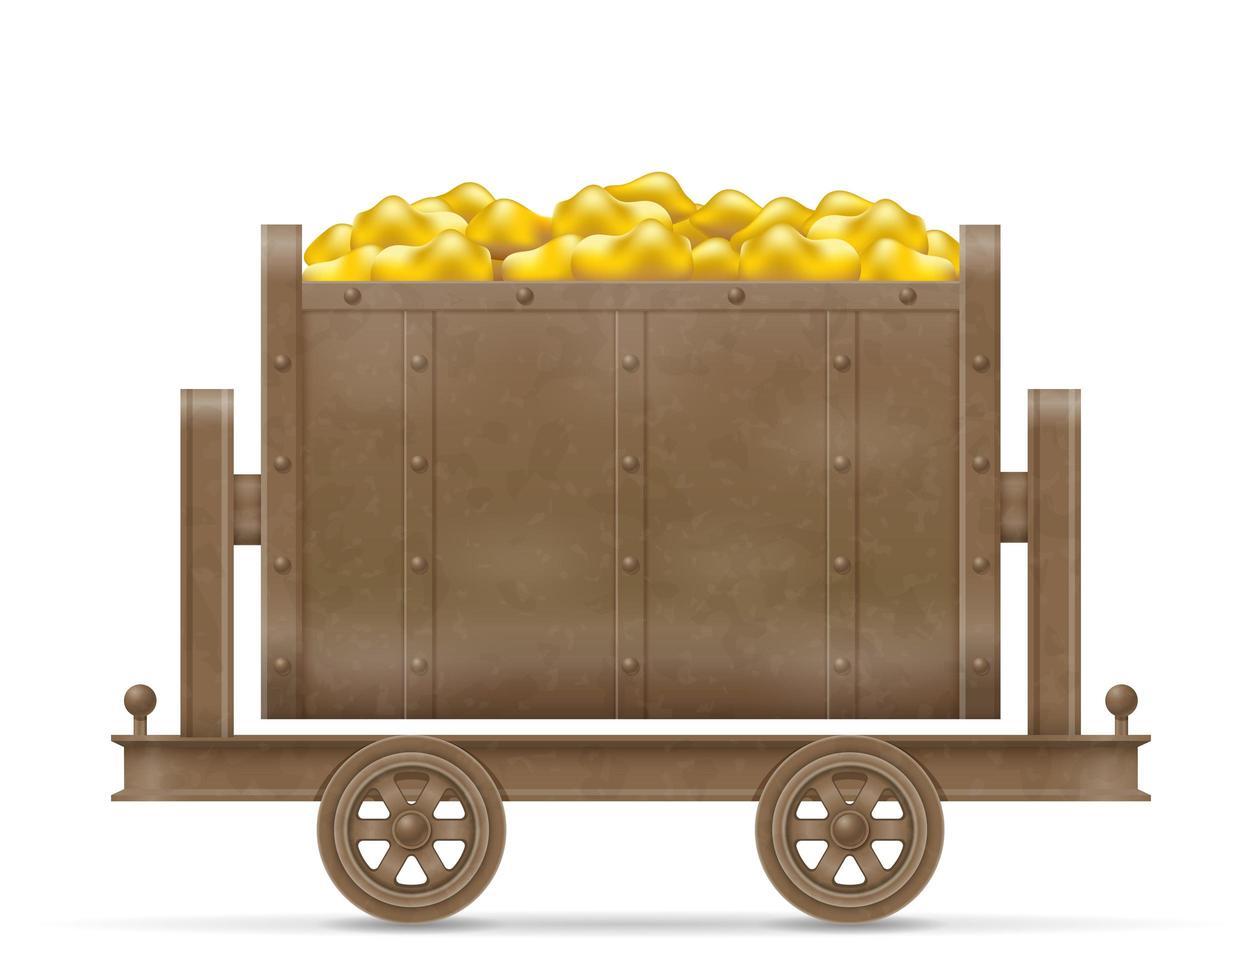 carrello da miniera con oro vettore